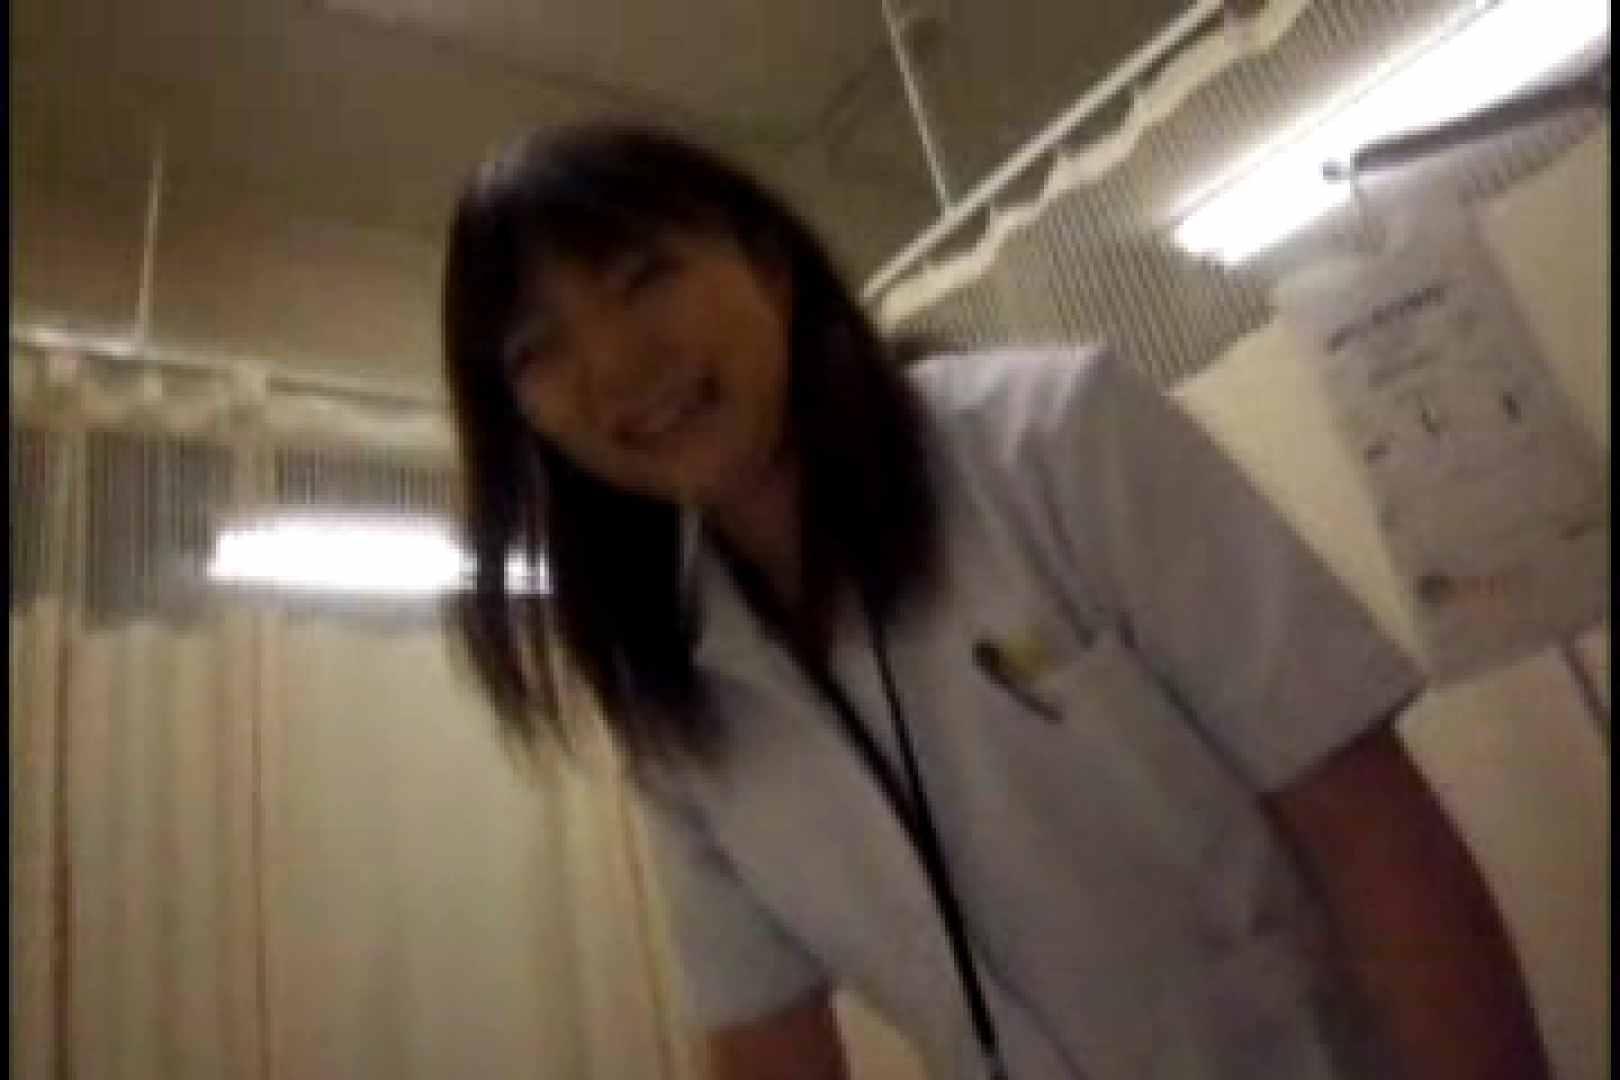 ヤリマンと呼ばれた看護士さんvol1 一般投稿   シックスナイン  93pic 13